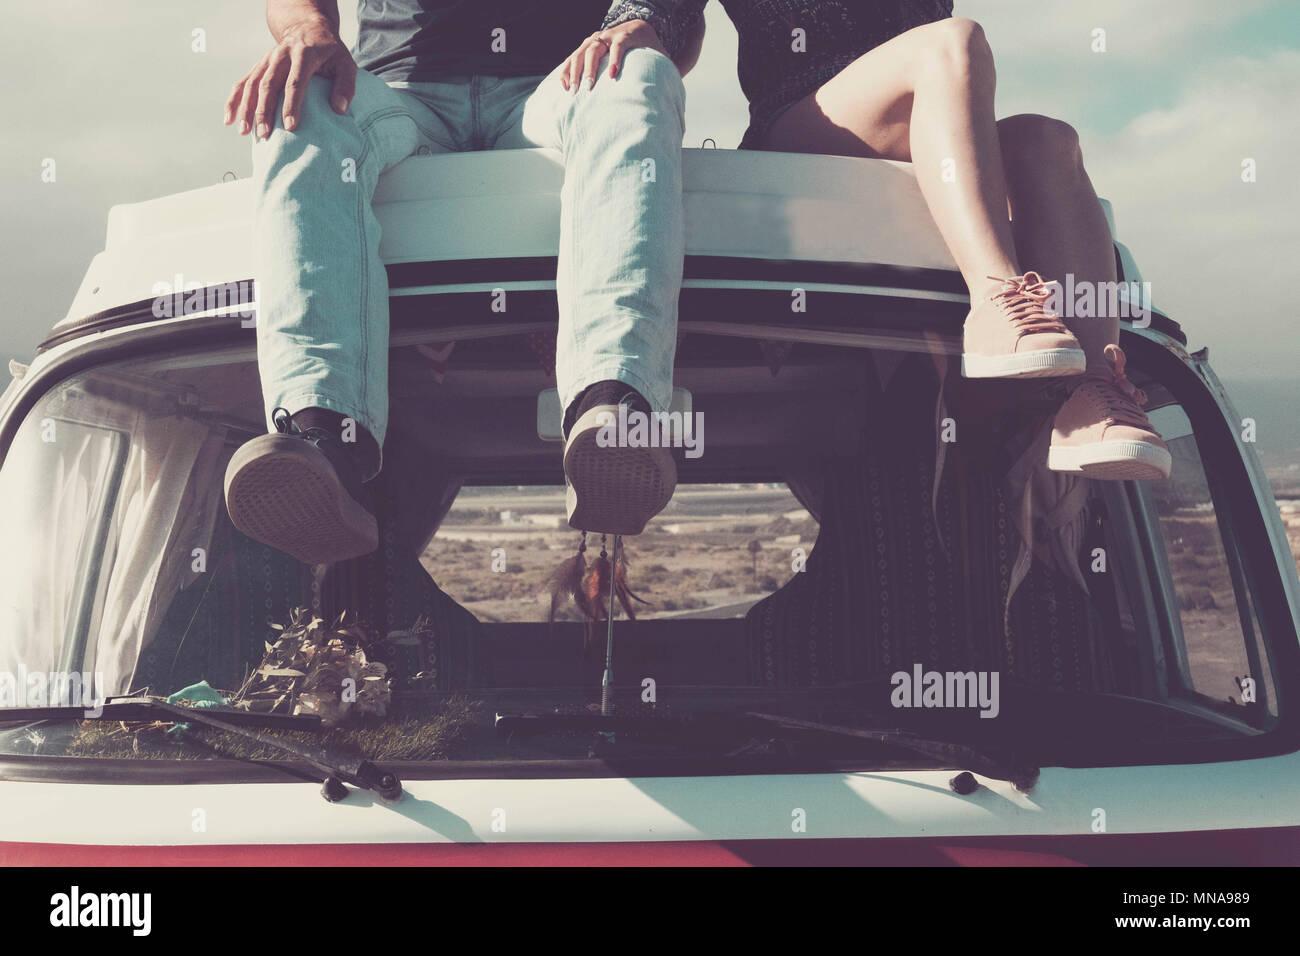 Genießen Sie die vanlife. zwei Paar junge Beine dunkles auf der Spitze eines Vintage Retro Van genießen den Tag. Reisen und neue Orte wie eine Wüste in b entdecken Stockbild